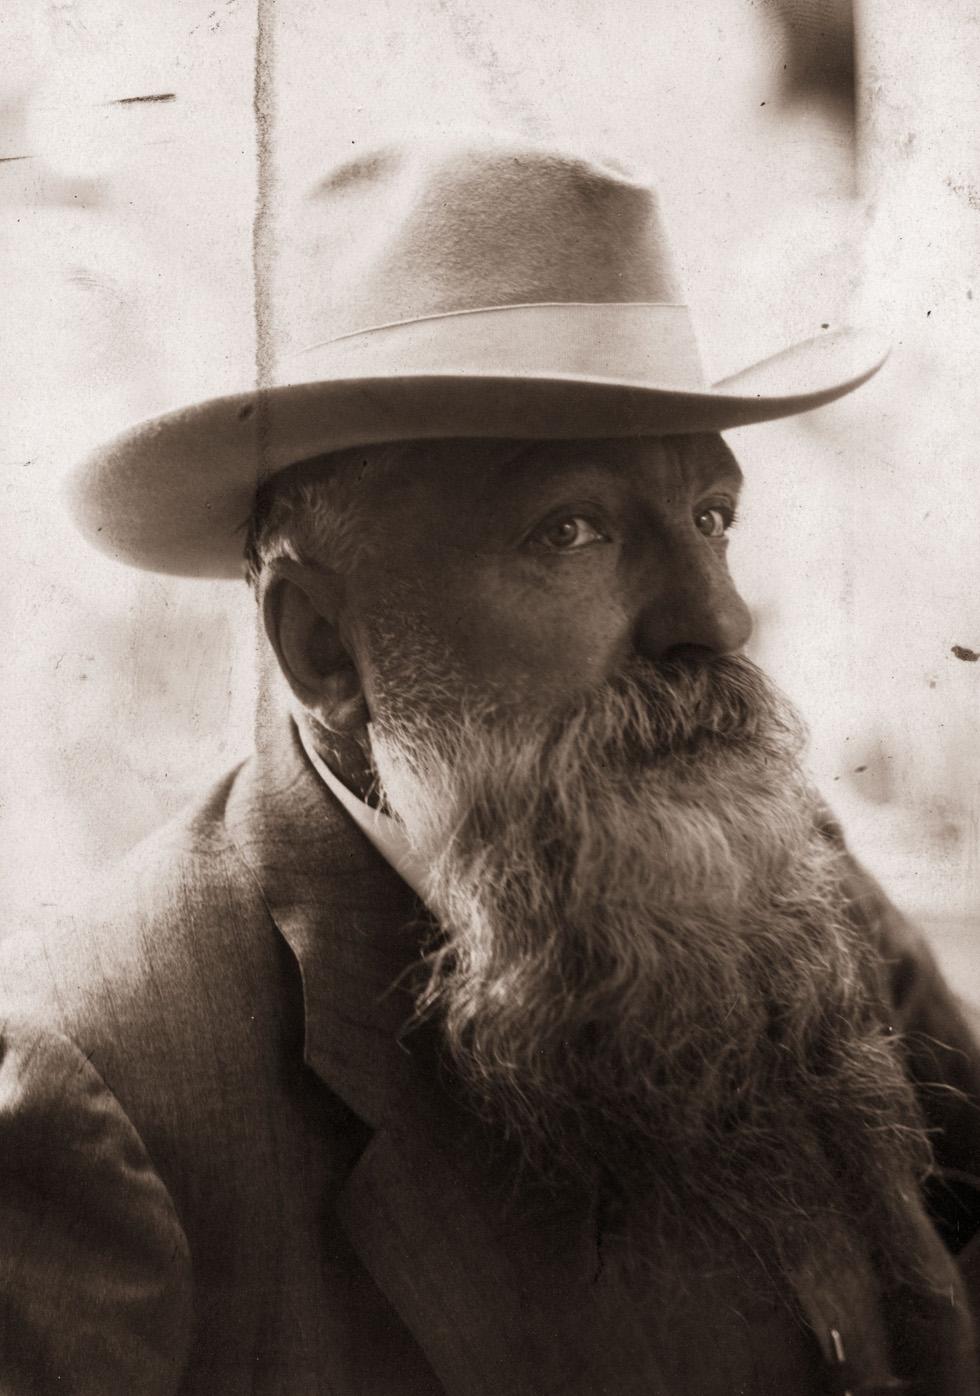 Perch ricordiamo auguste rodin a 100 anni dalla morte for Rodin scultore